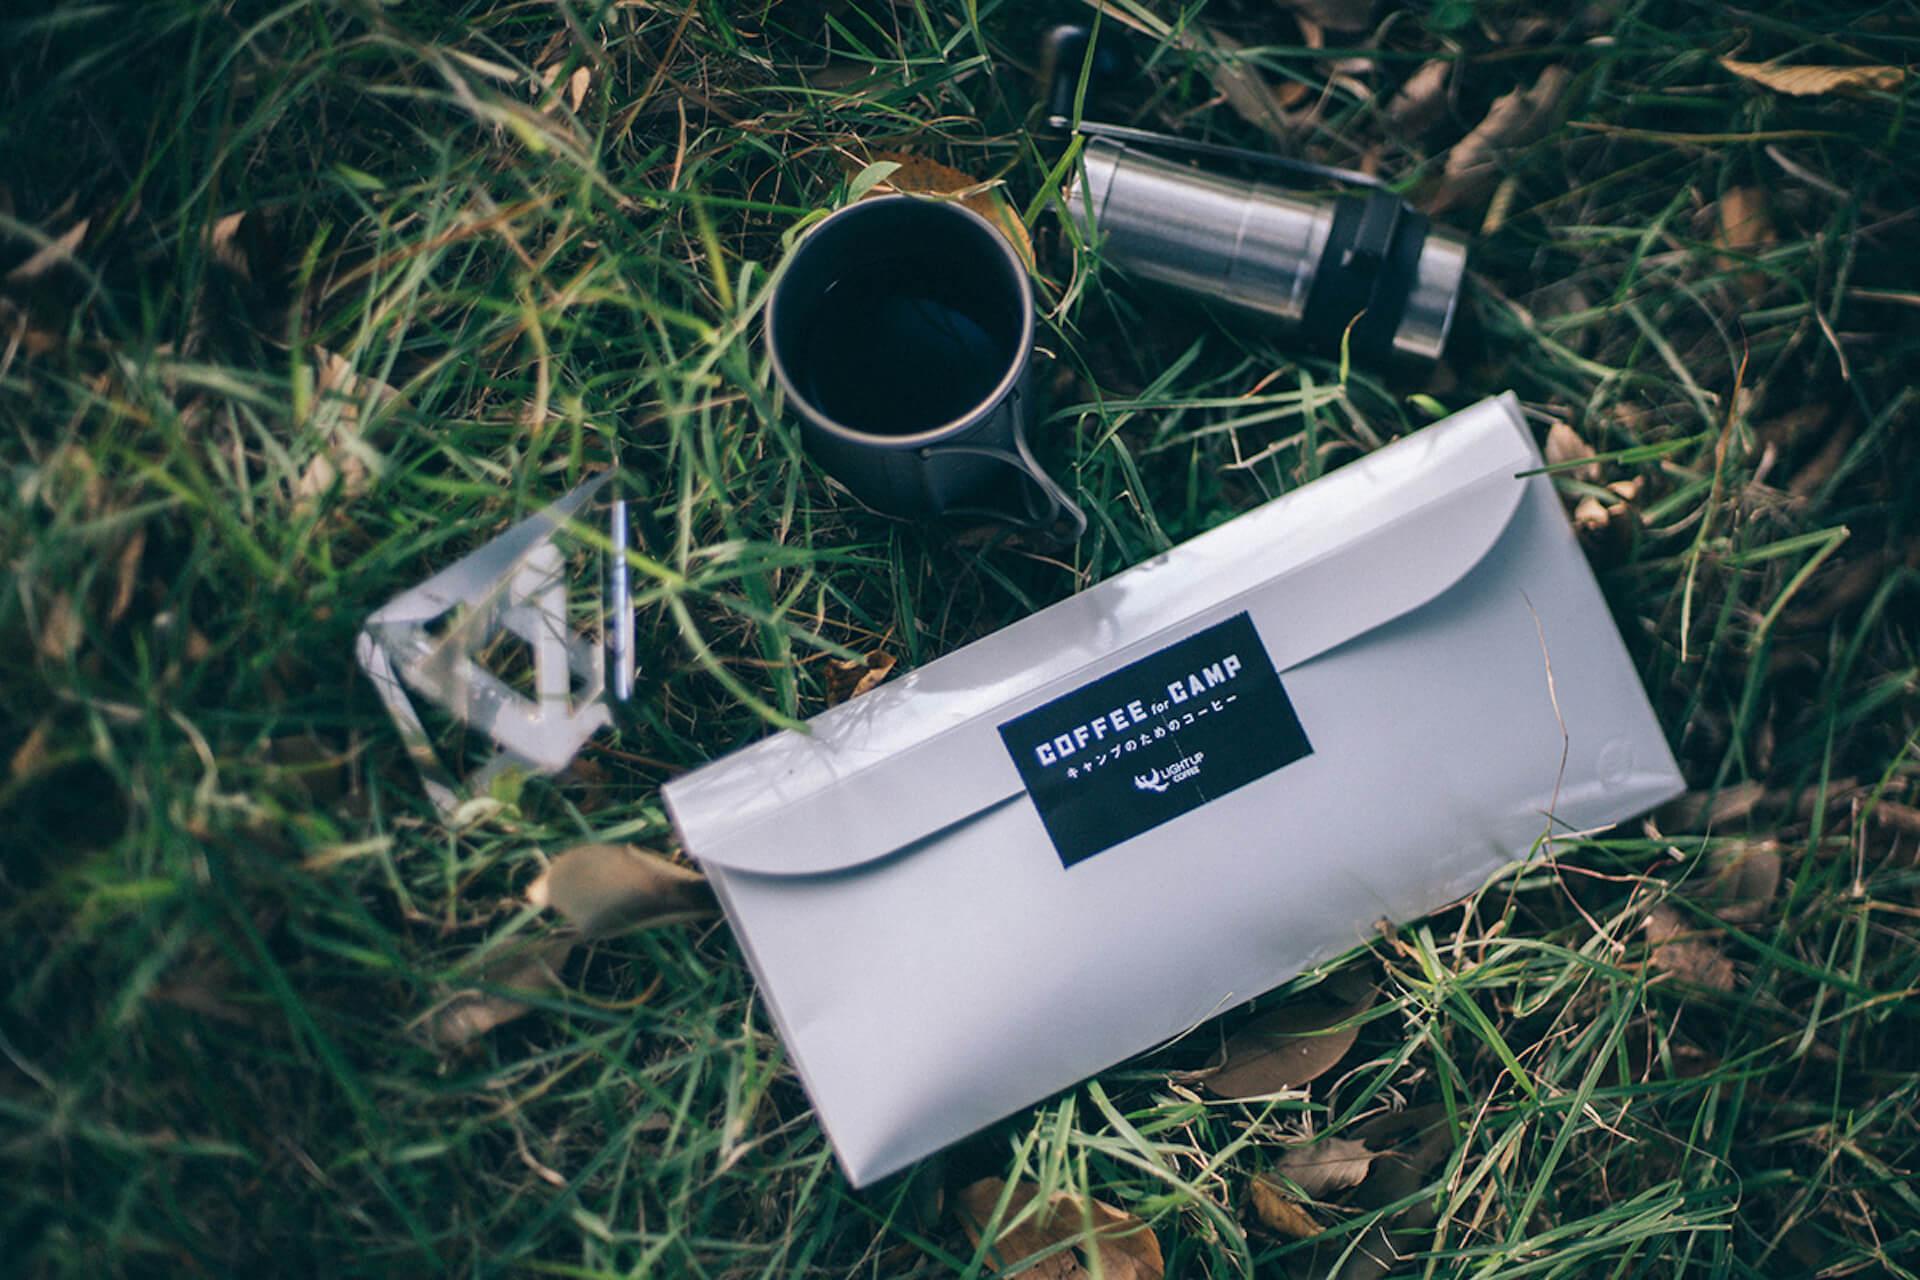 【2021年・コーヒーギア特集】アウトドア&自宅で極上のコーヒータイムを!機能的ギア&厳選コーヒー豆特集 gourmet210303_jeep_coffee_14_1